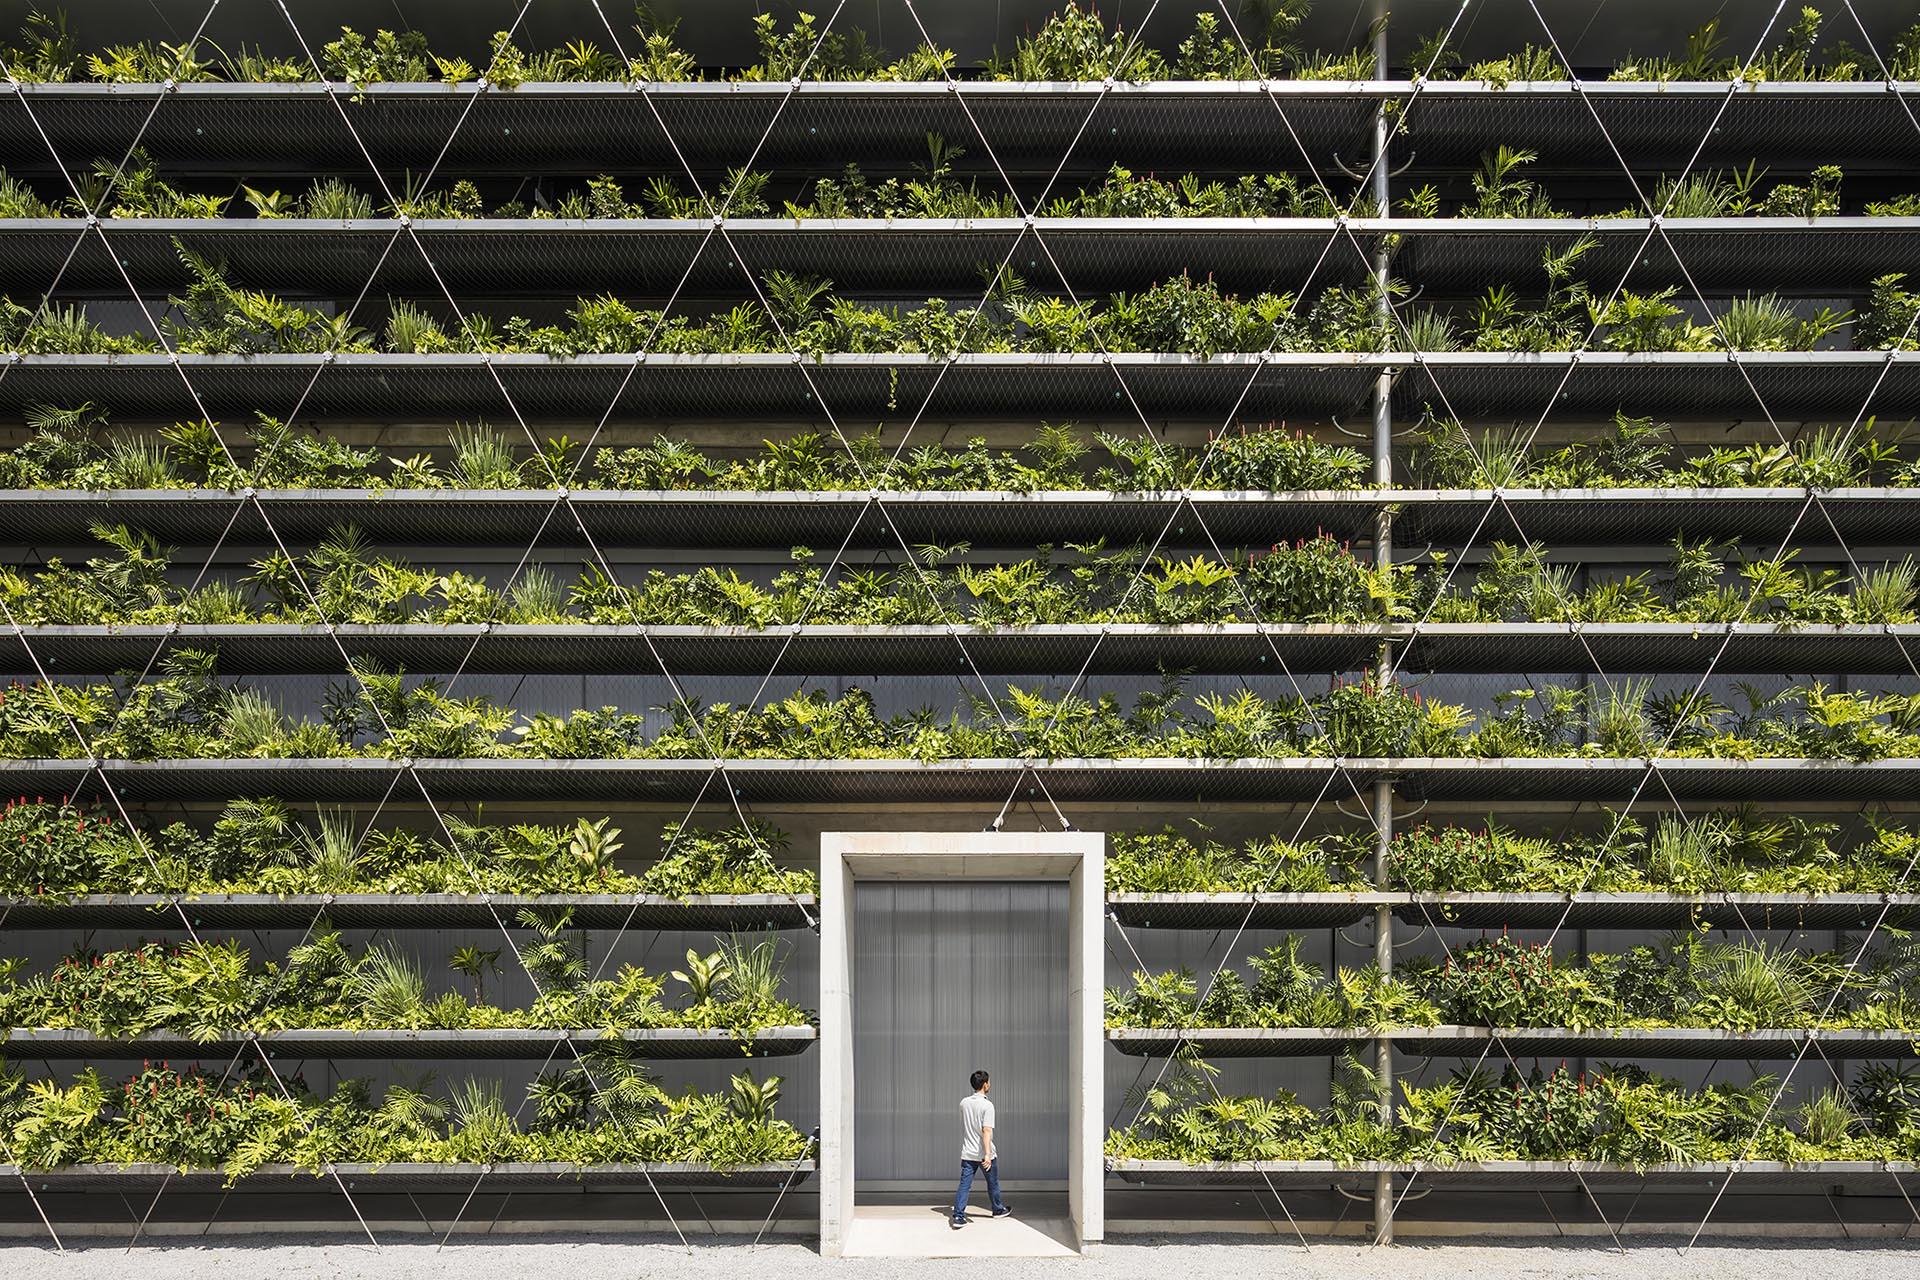 پوشش گیاهان سبز در نمای خارجی کارخانه ای در ویتنام